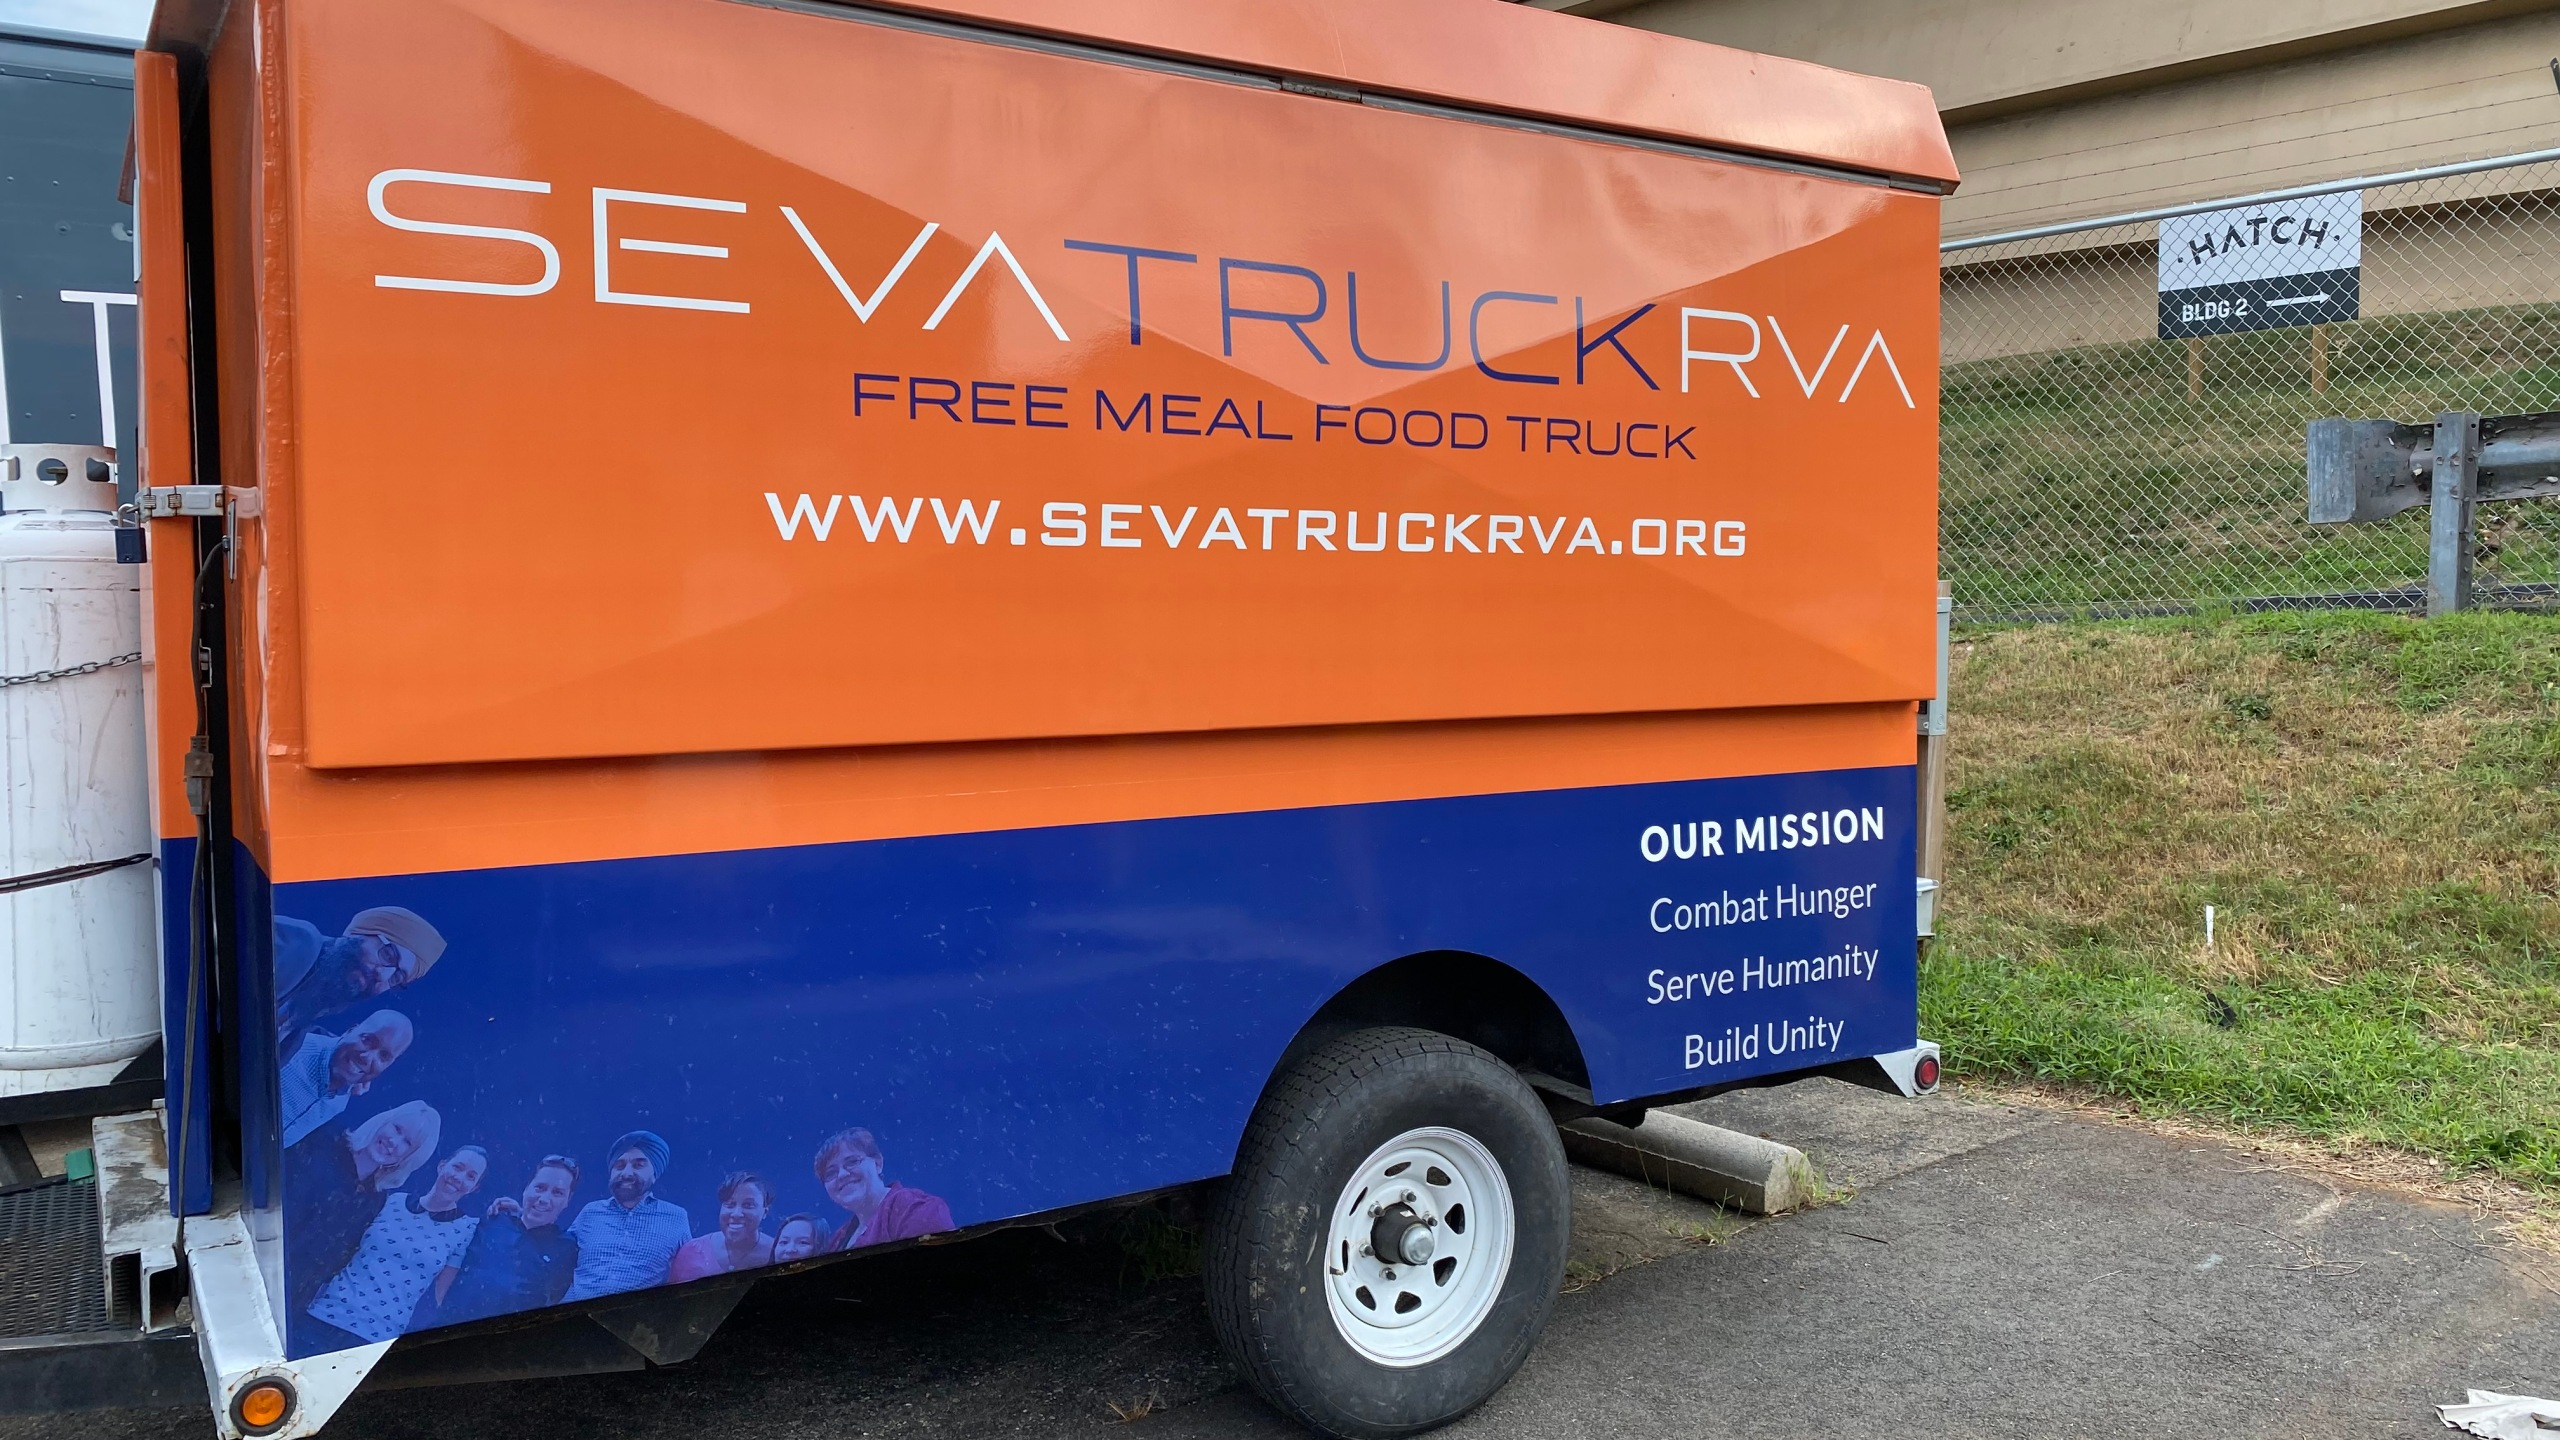 Sevatruck RVA